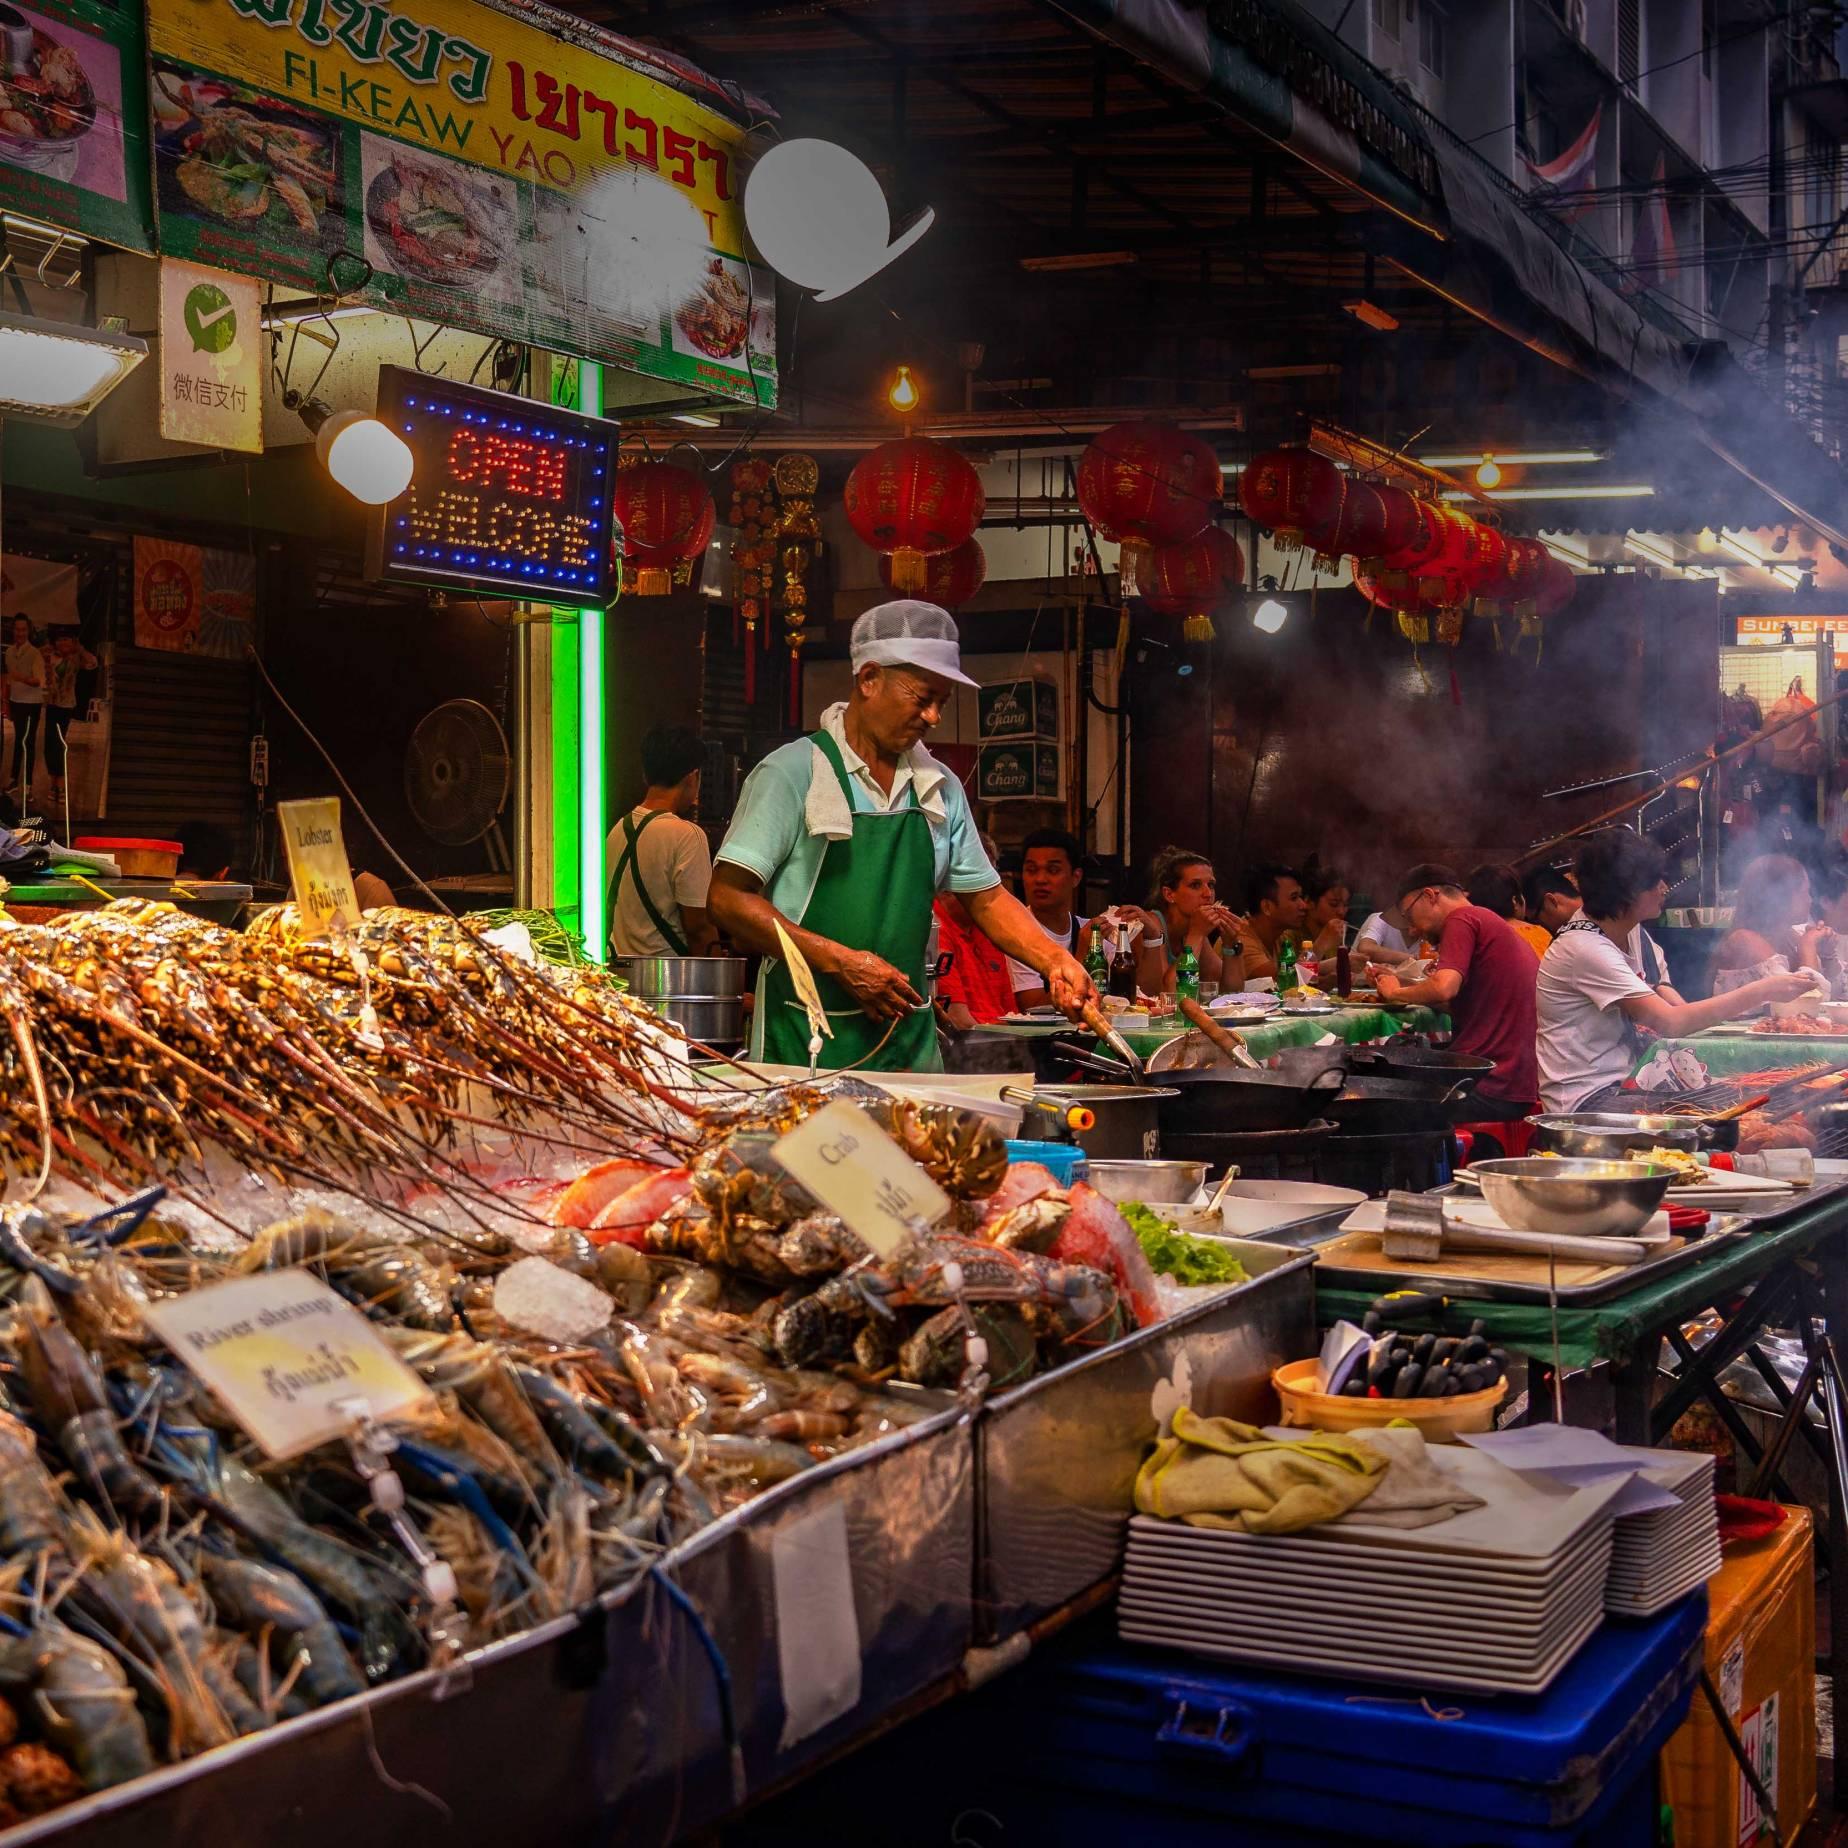 CHINA TOWN NIGHT MARKET, BANGKOK